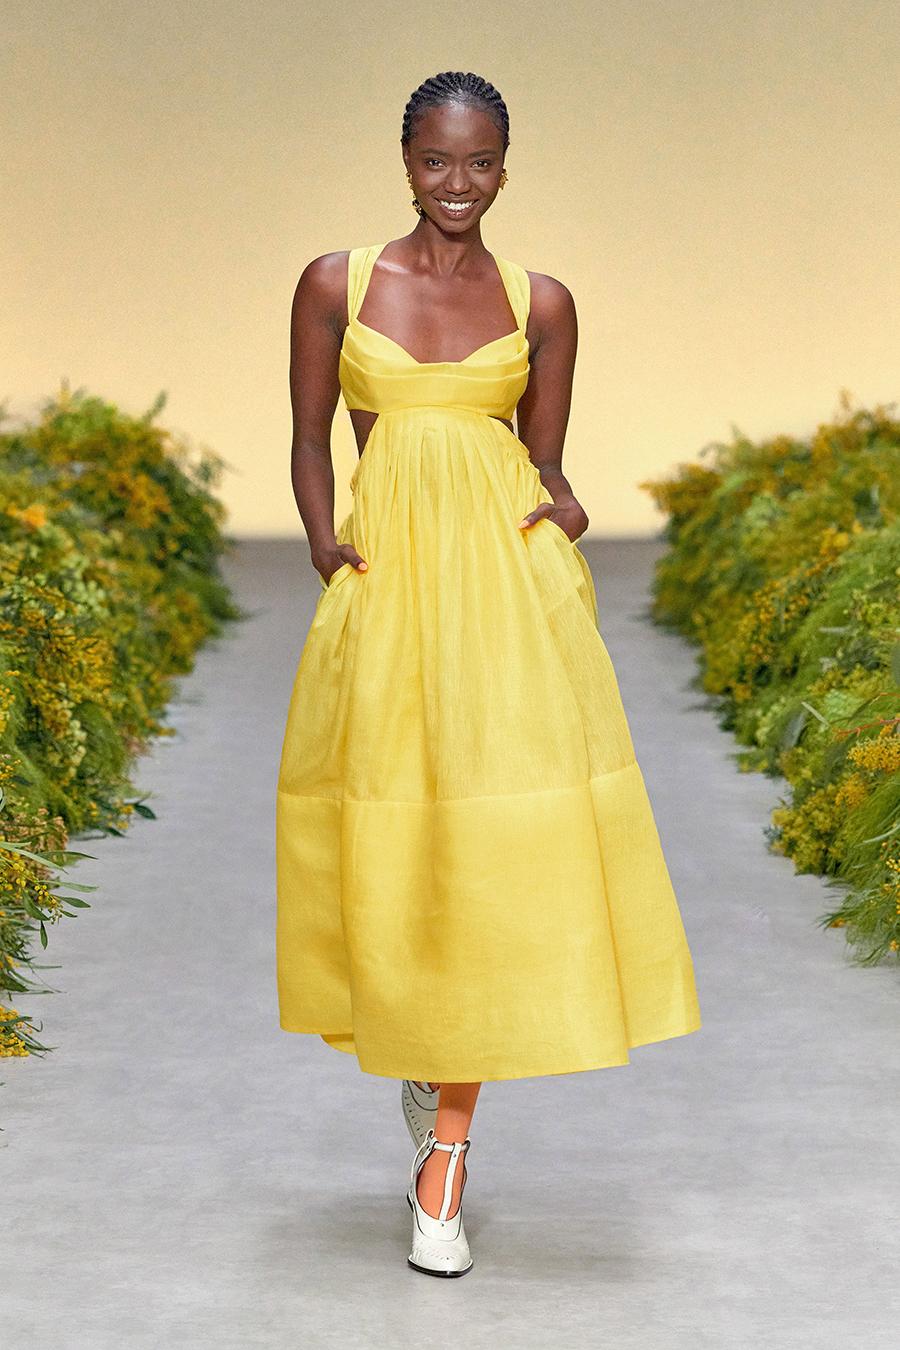 модный сарафан лето 2021 тренды что купить в жару миди желтый с вырезами